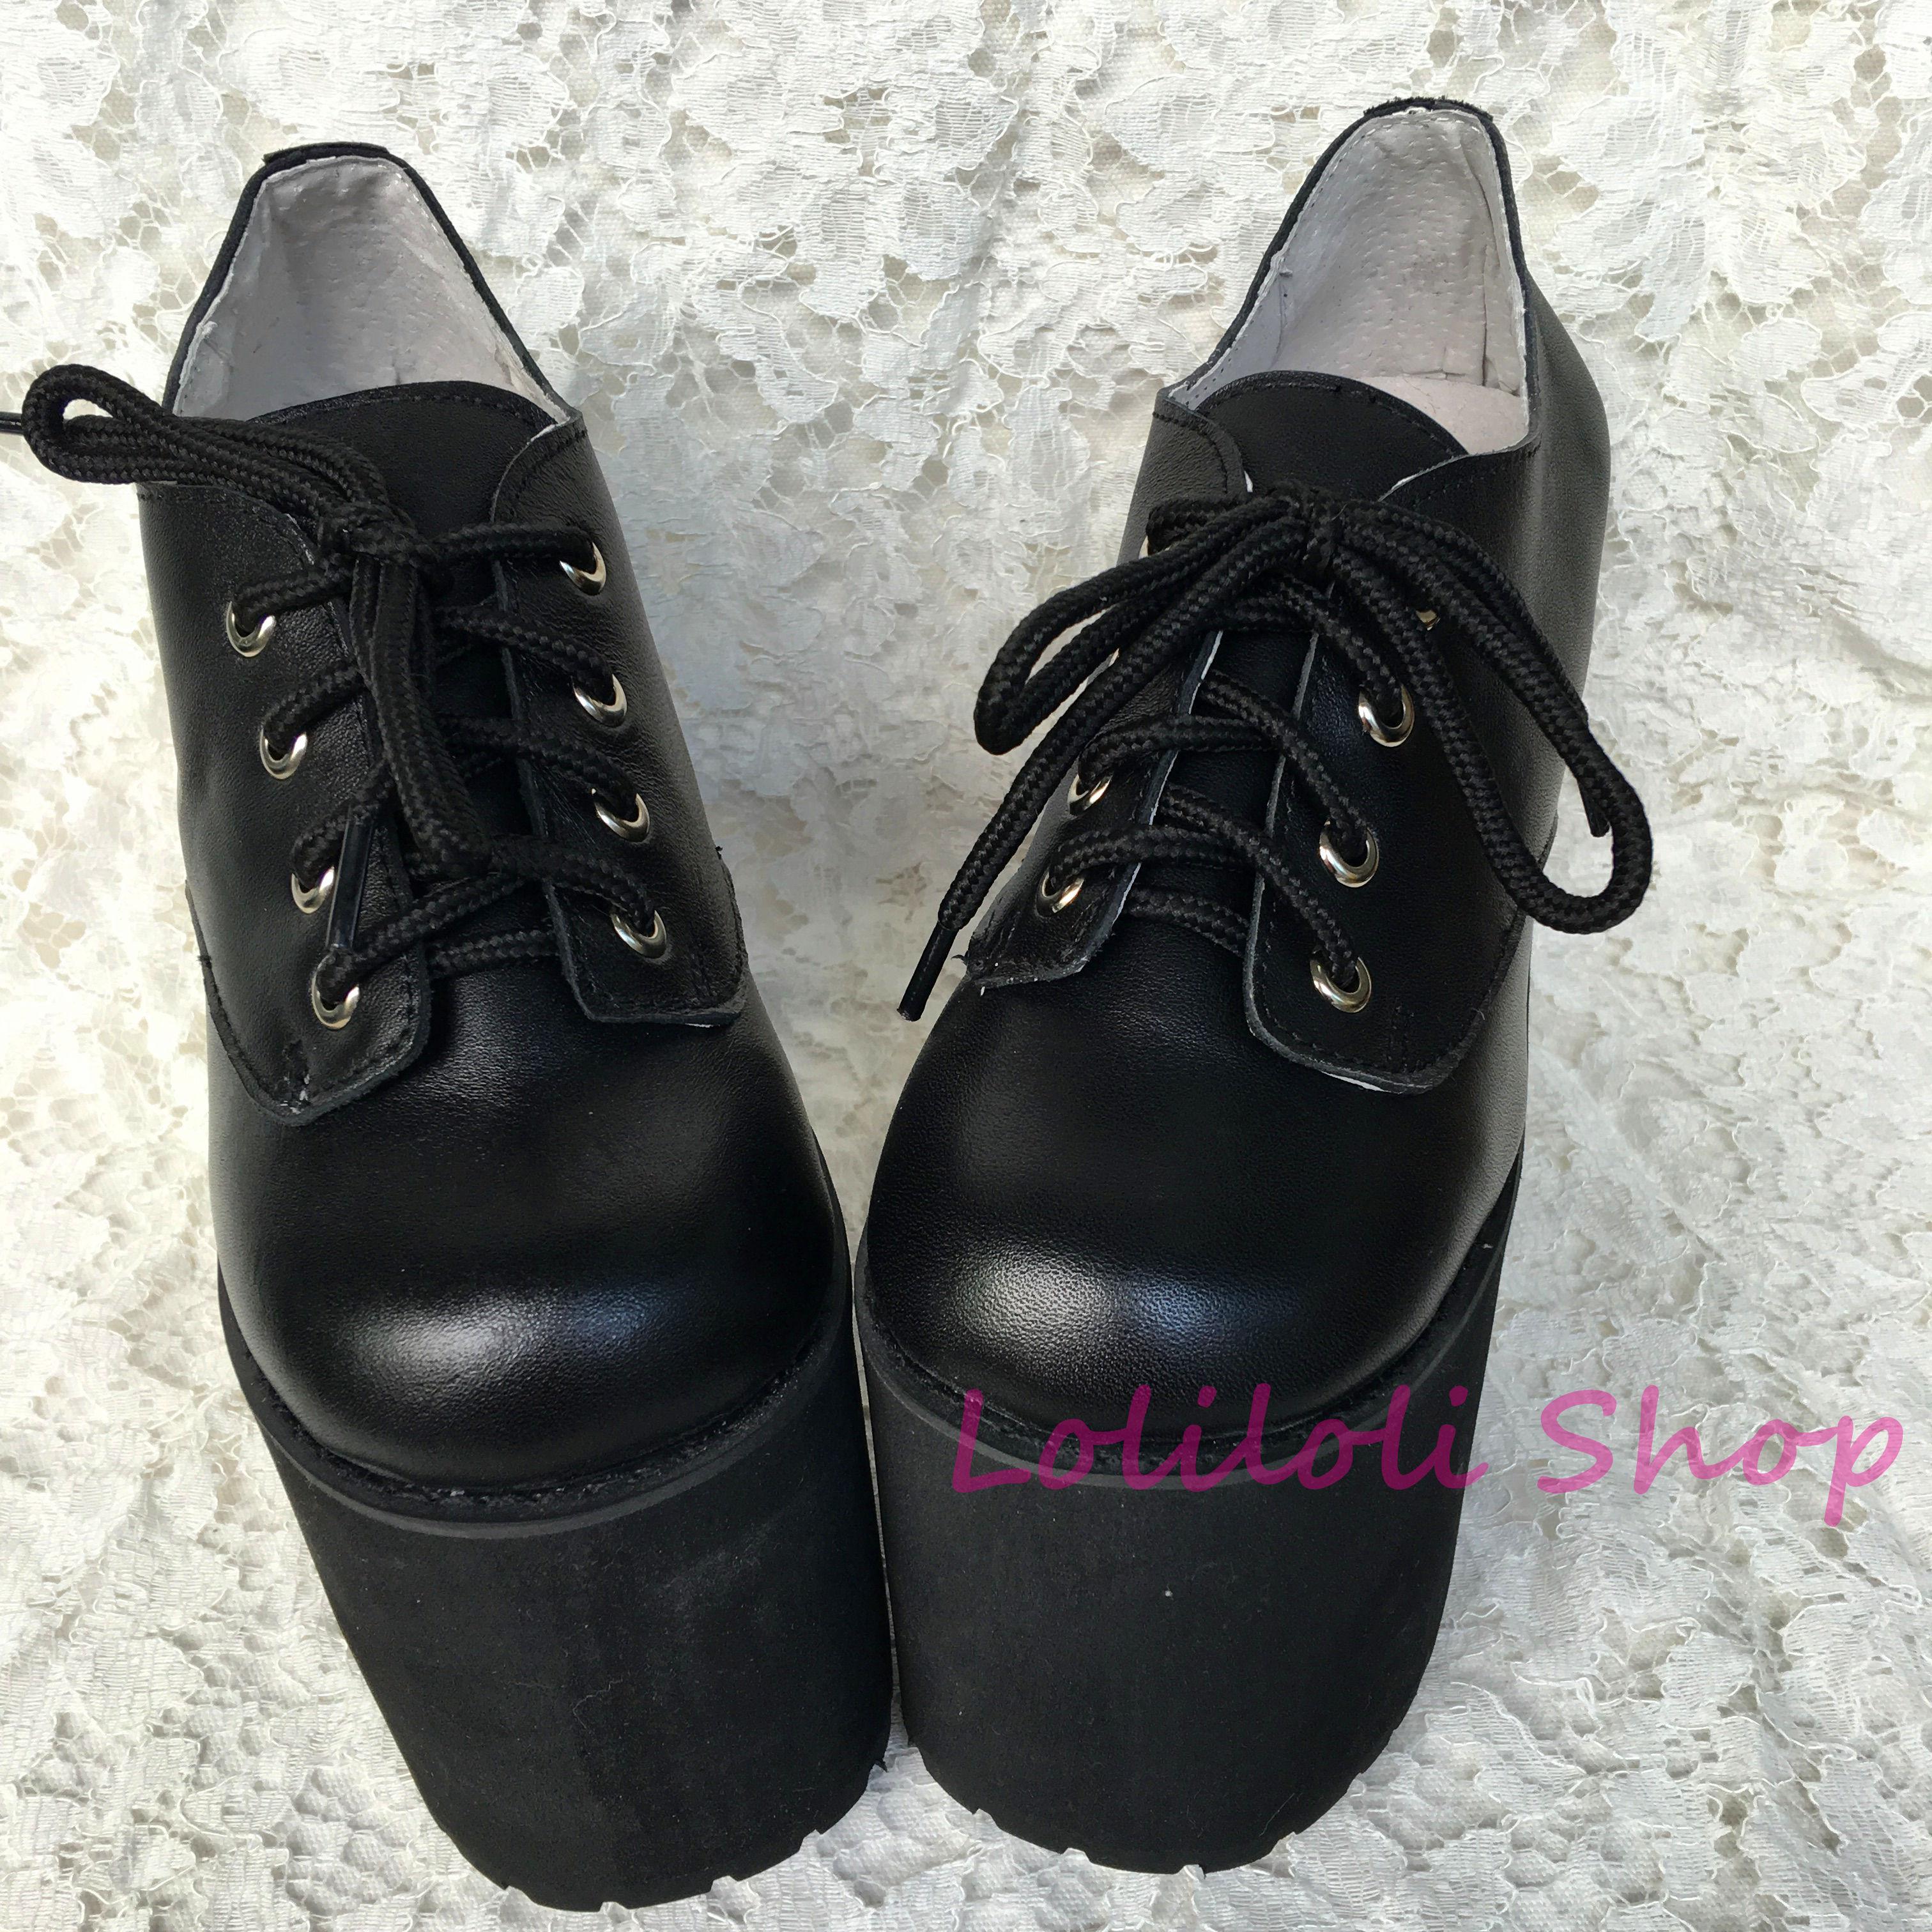 Noir Noir Peau multi Loliloliyoyo 4171 Épais Doux Croix Talon Princesse Chaussures Laçage S Japonais Gothique Antaina Brillant Conception Lolita gSTUwzHqU8